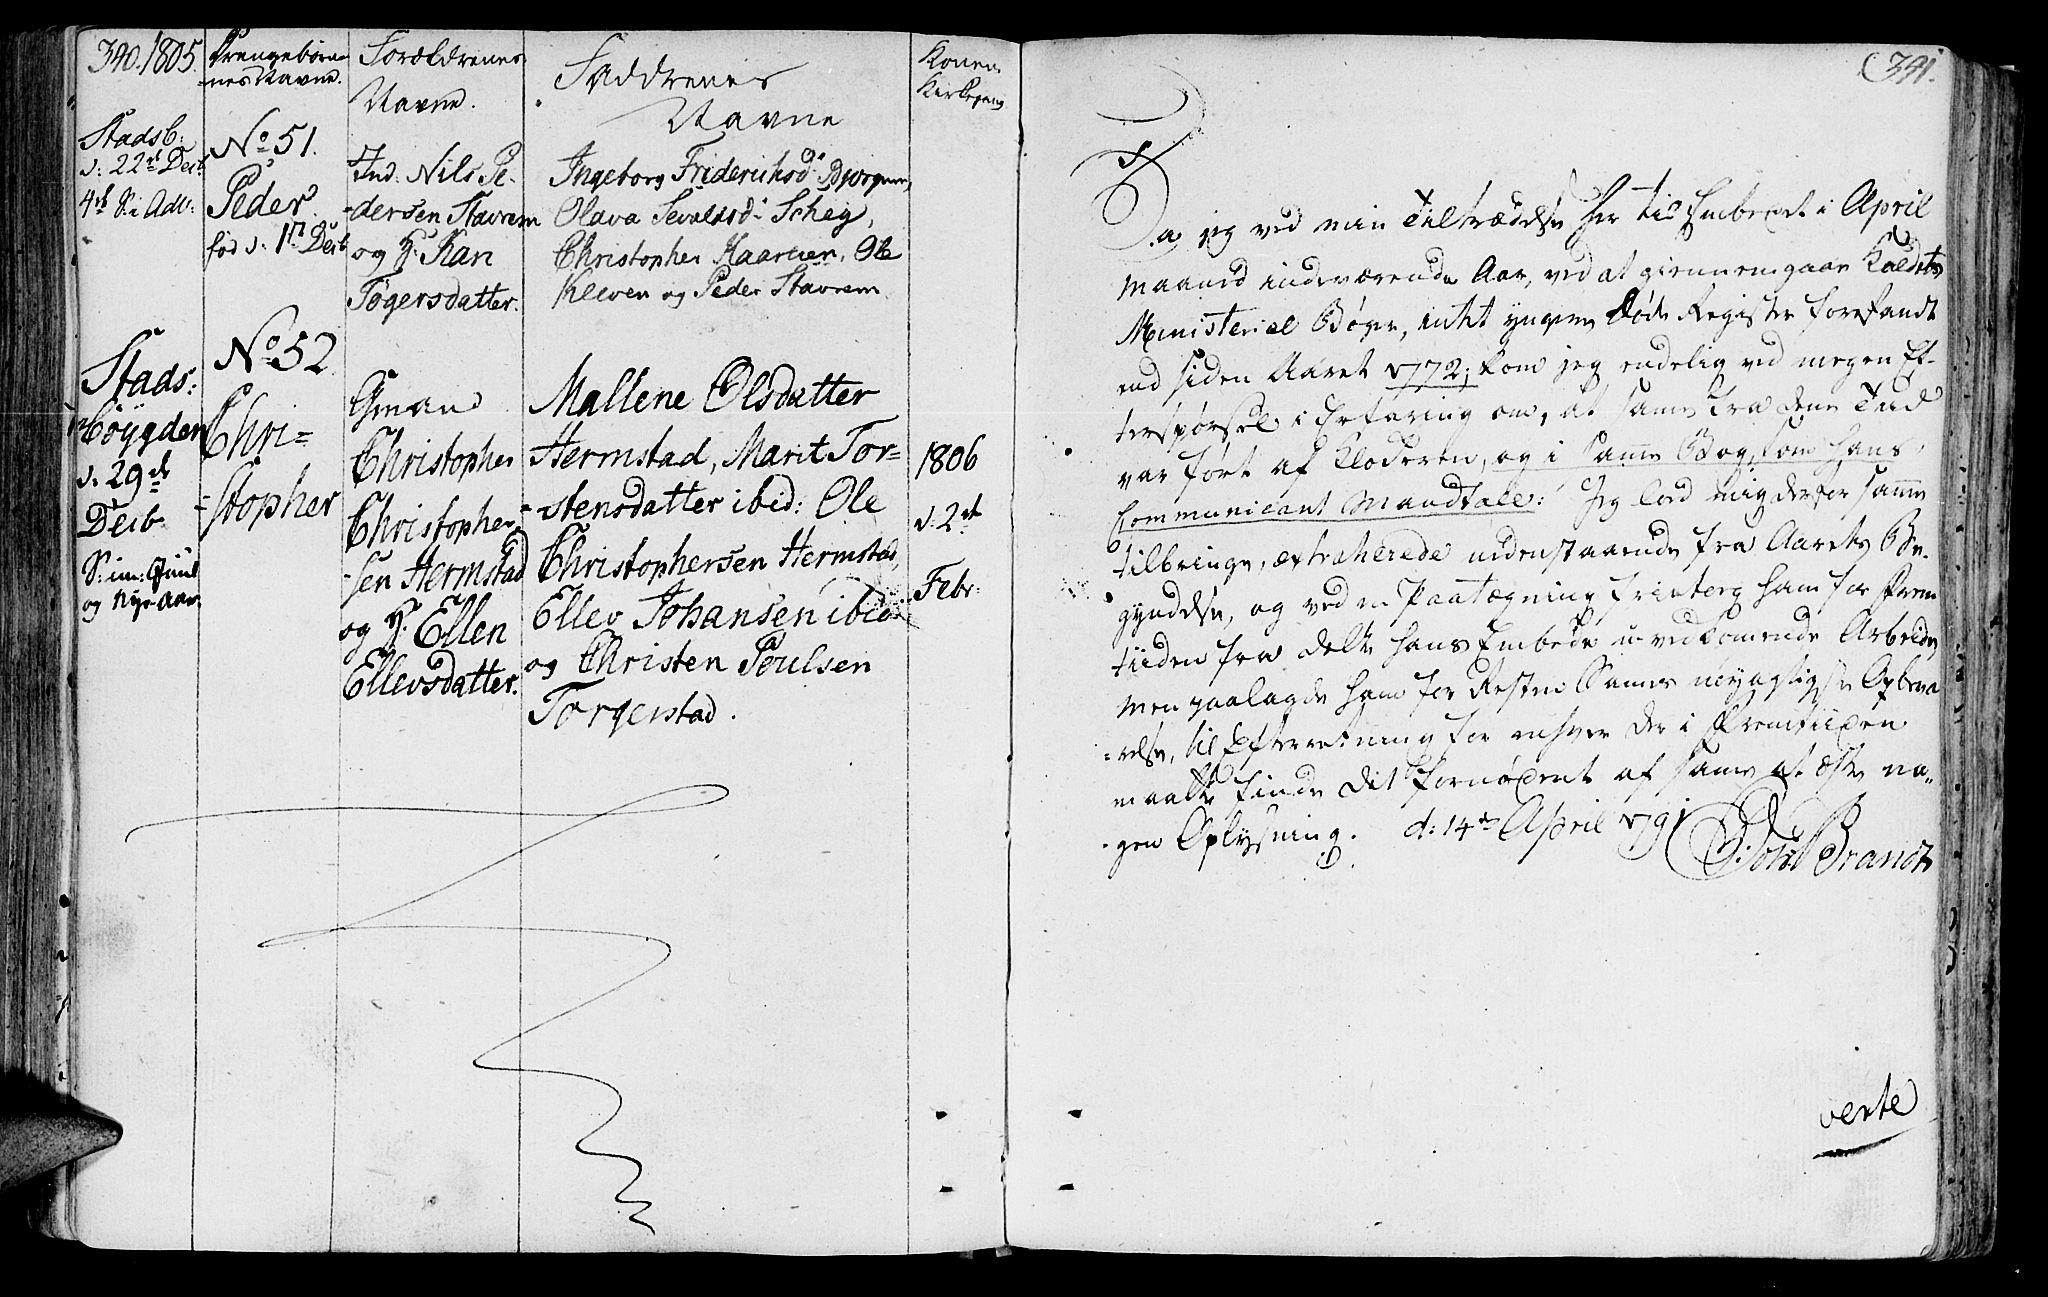 SAT, Ministerialprotokoller, klokkerbøker og fødselsregistre - Sør-Trøndelag, 646/L0606: Ministerialbok nr. 646A04, 1791-1805, s. 340-341